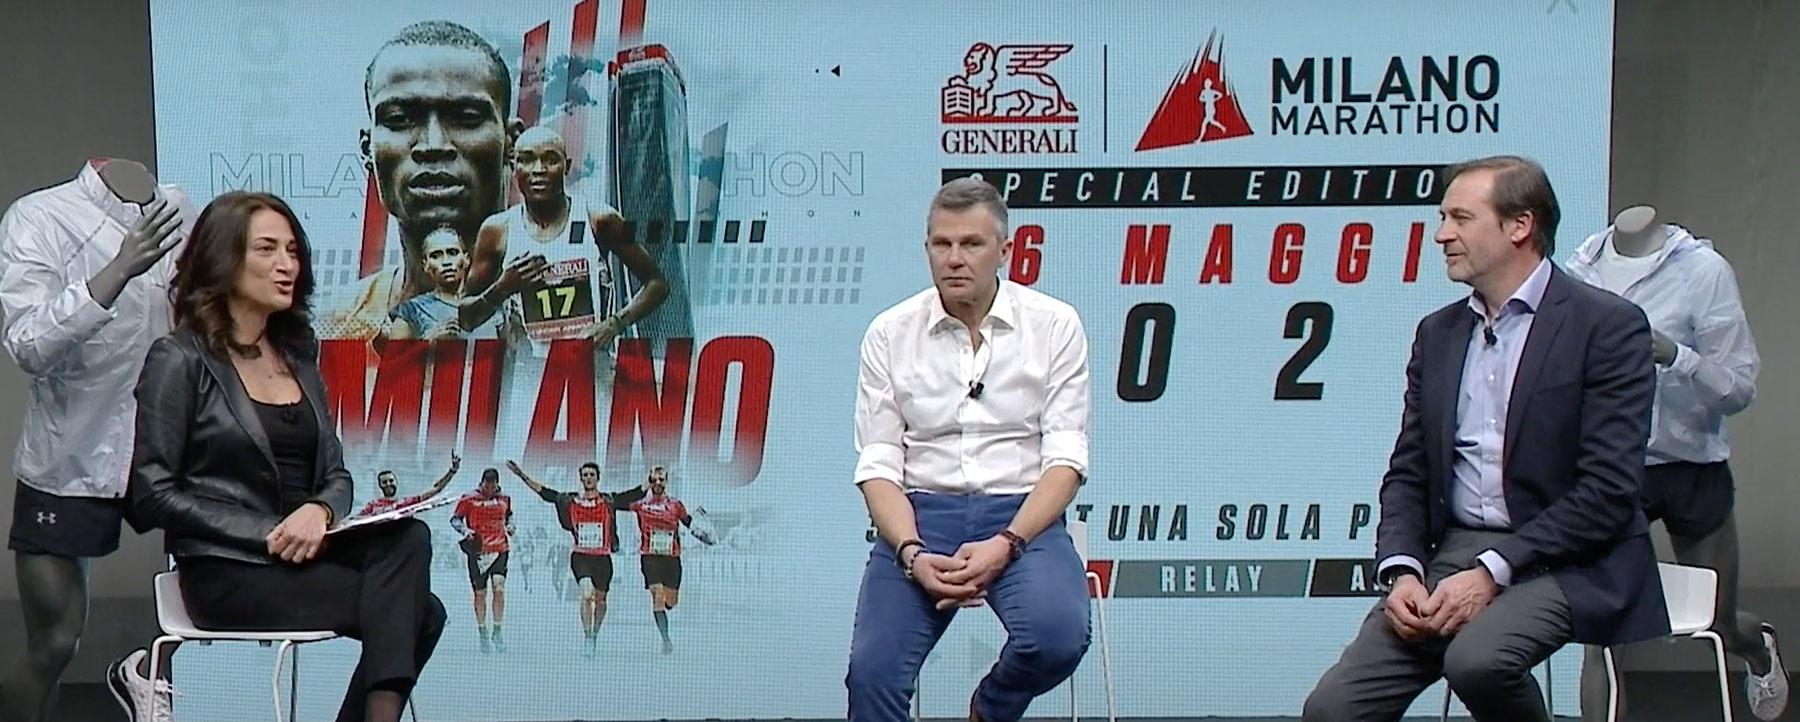 Generali Milano Marathon – Special edition 2021